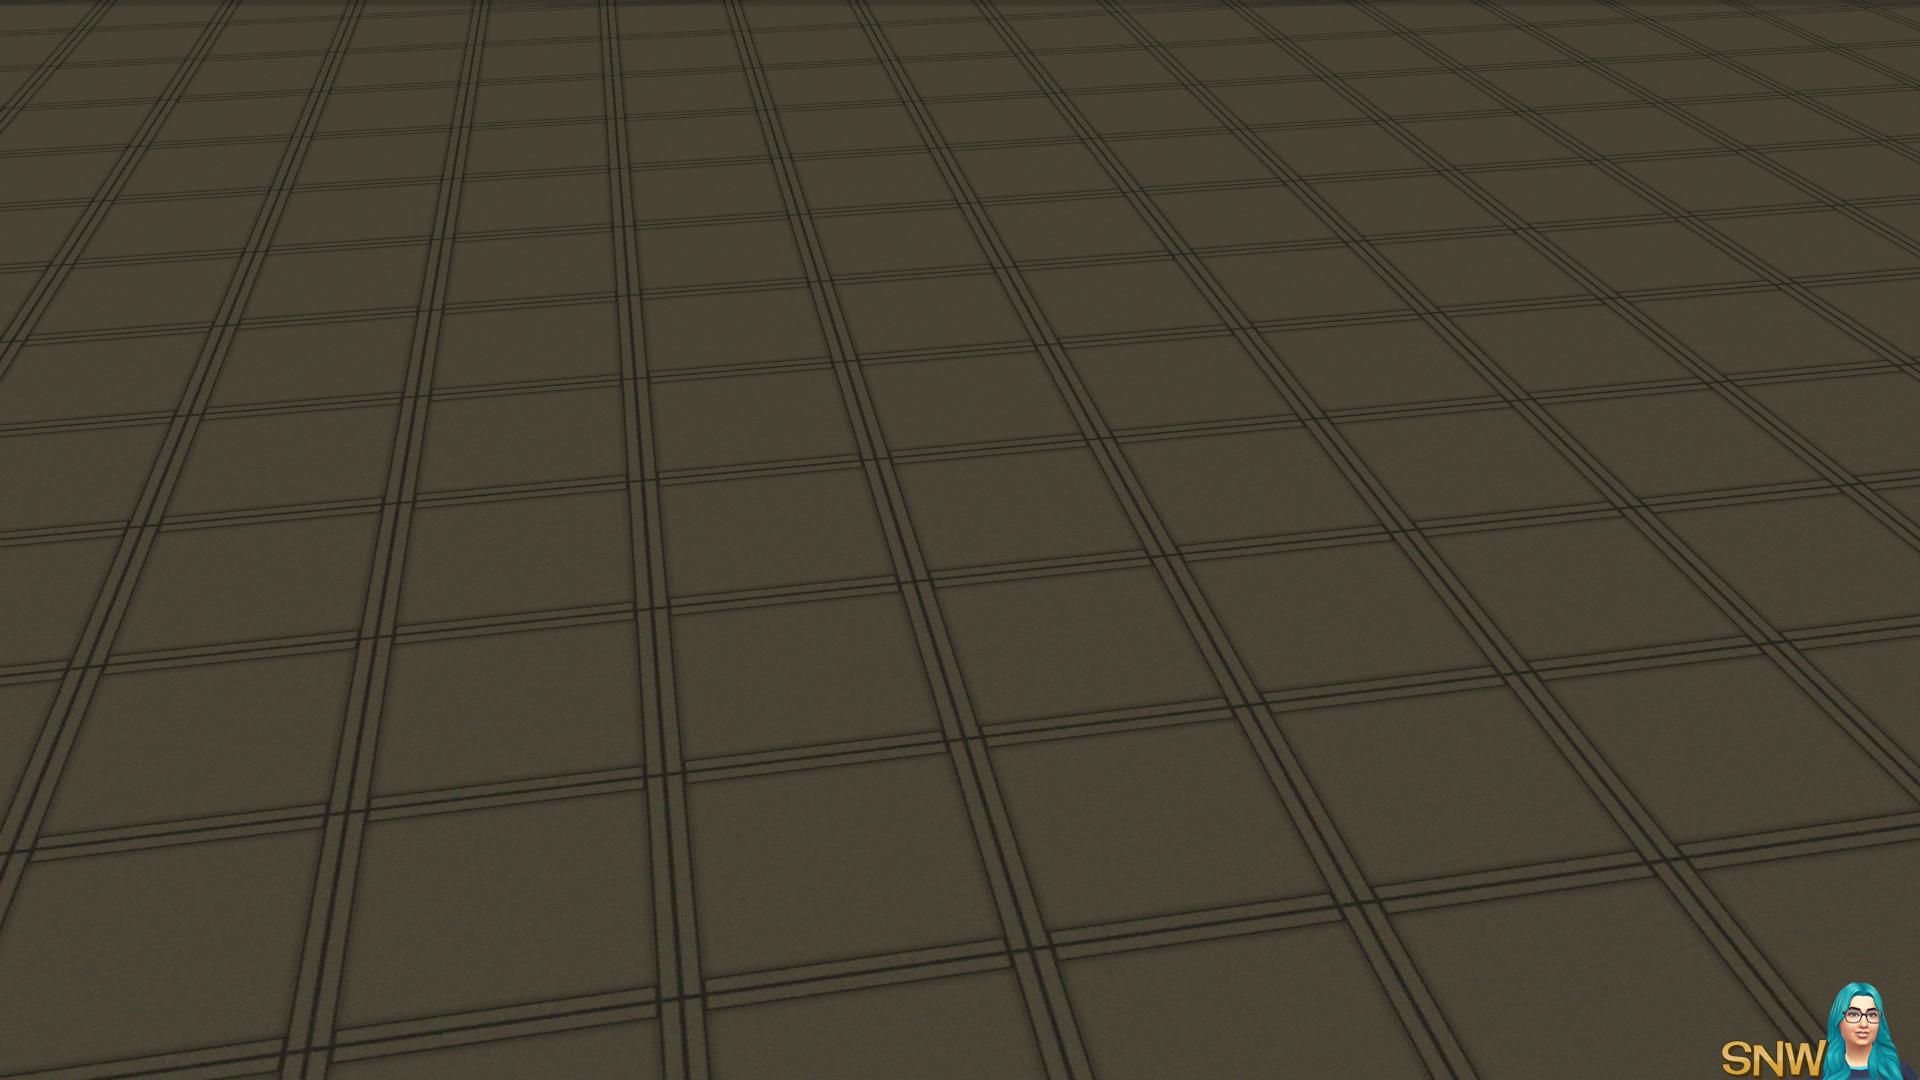 De Stijl Floor Tiles 2 Snw Simsnetwork Com